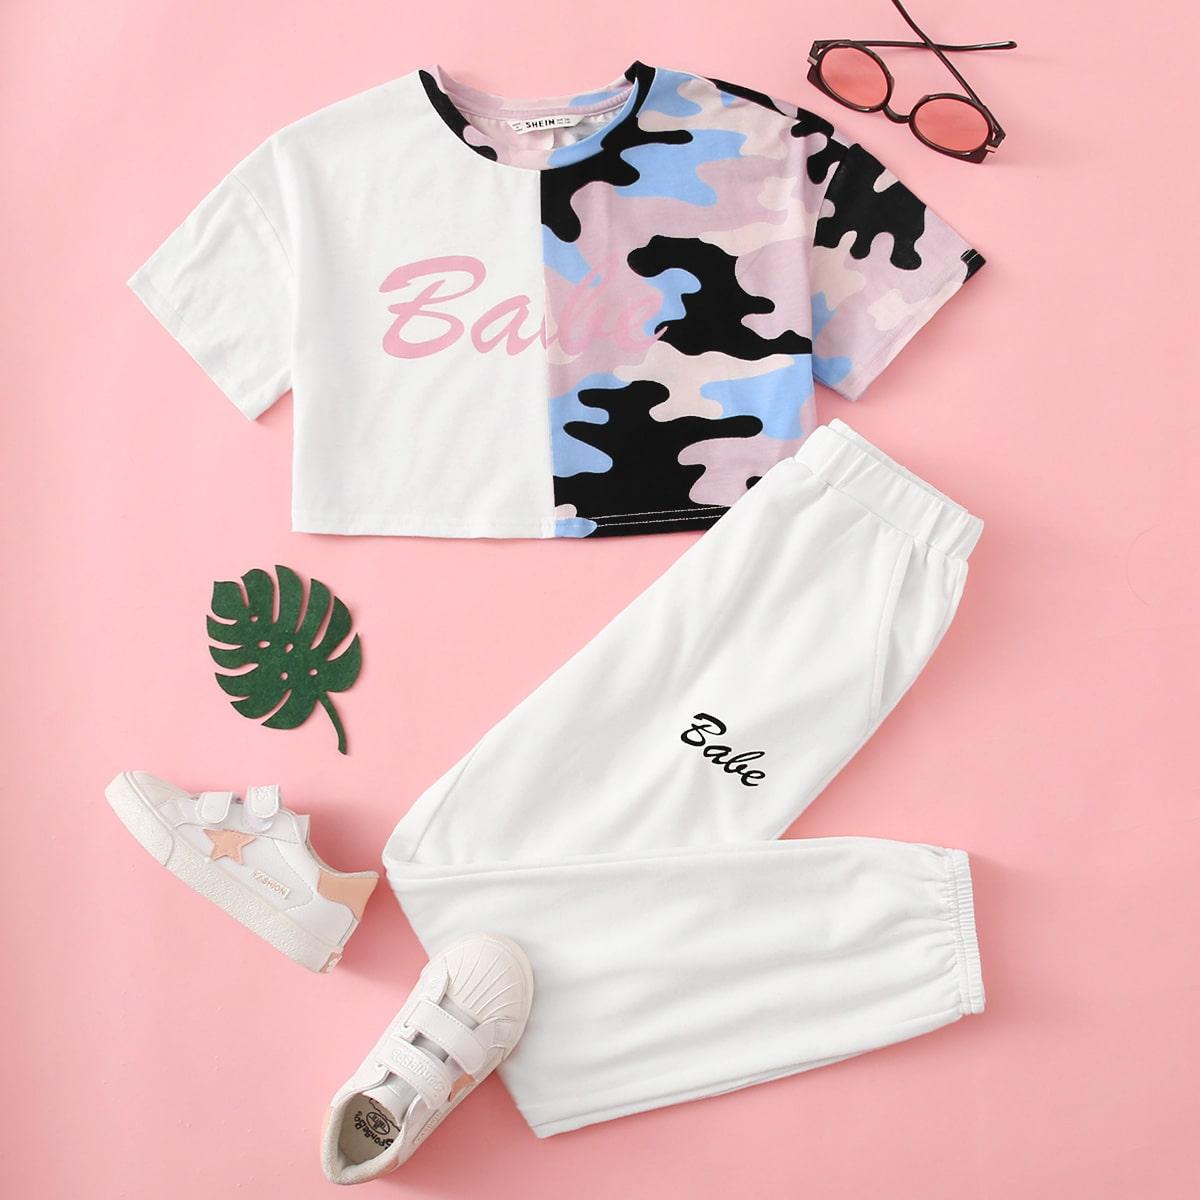 Камуфляжный топ с текстовым принтом и спортивные брюки для девочек от SHEIN